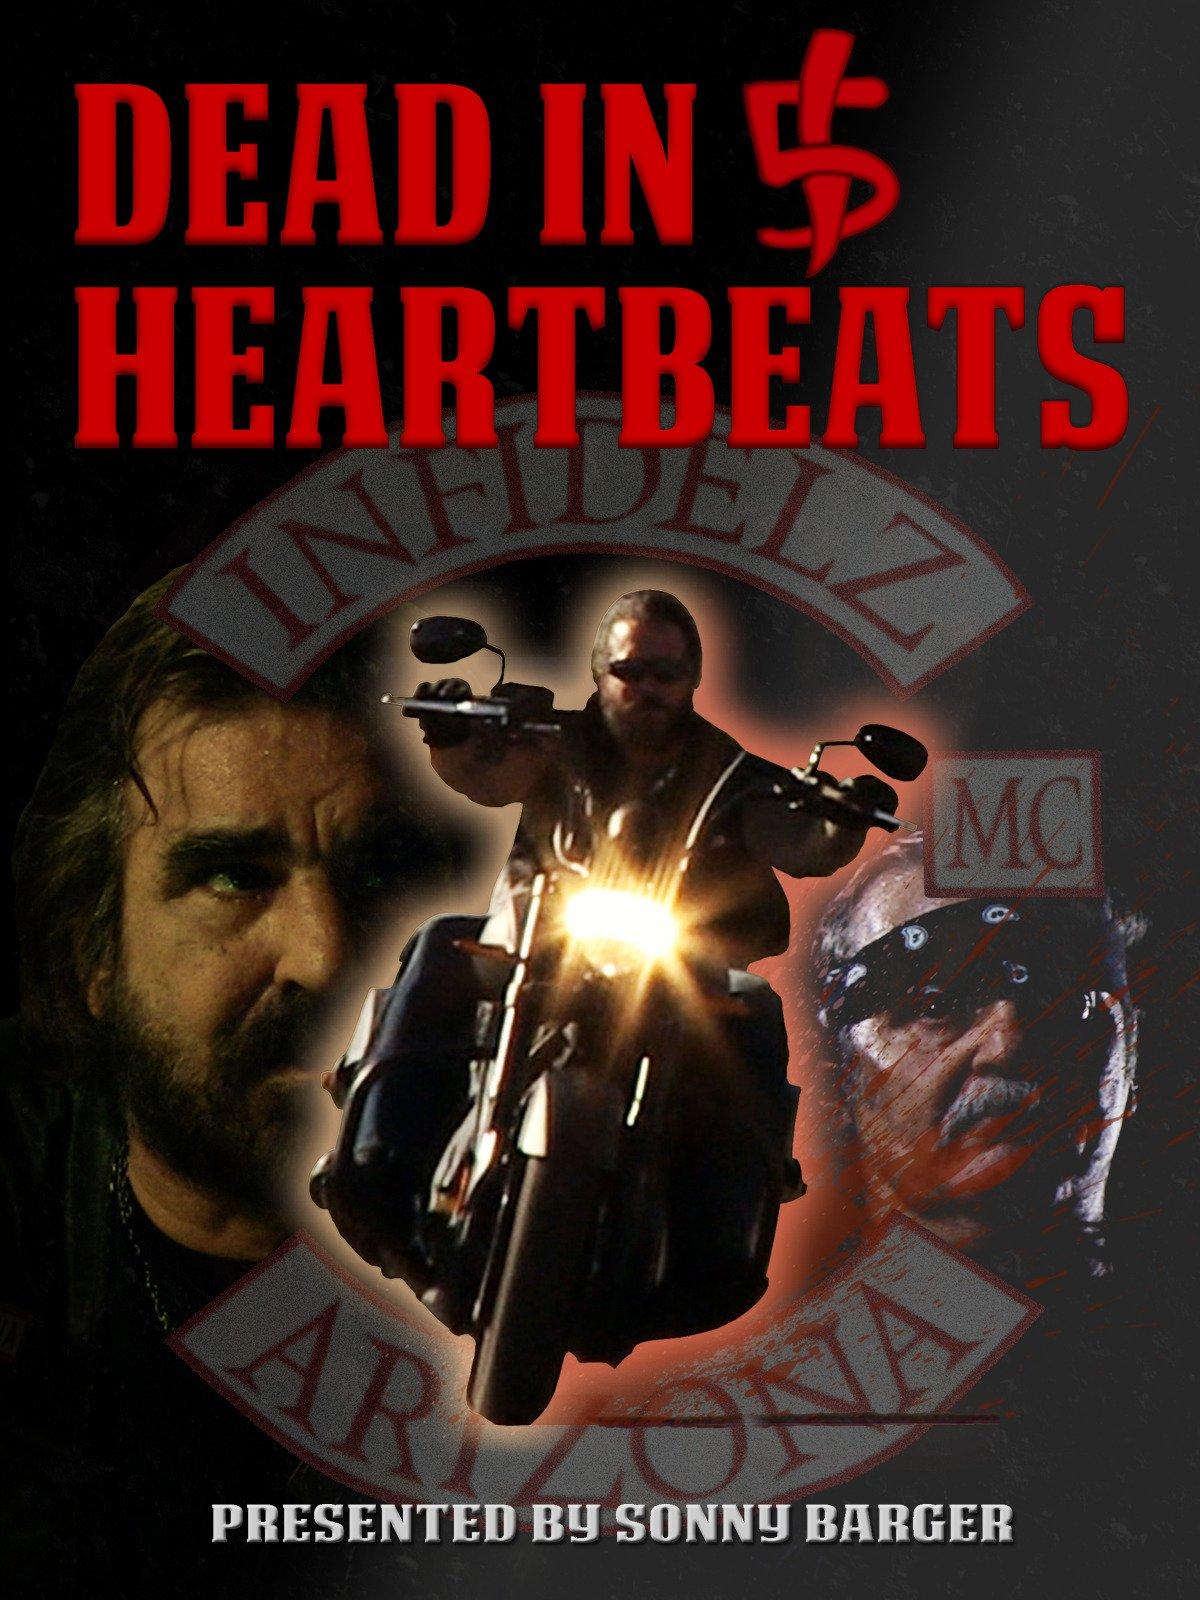 Dead In 5 Heartbeats on Amazon Prime Video UK